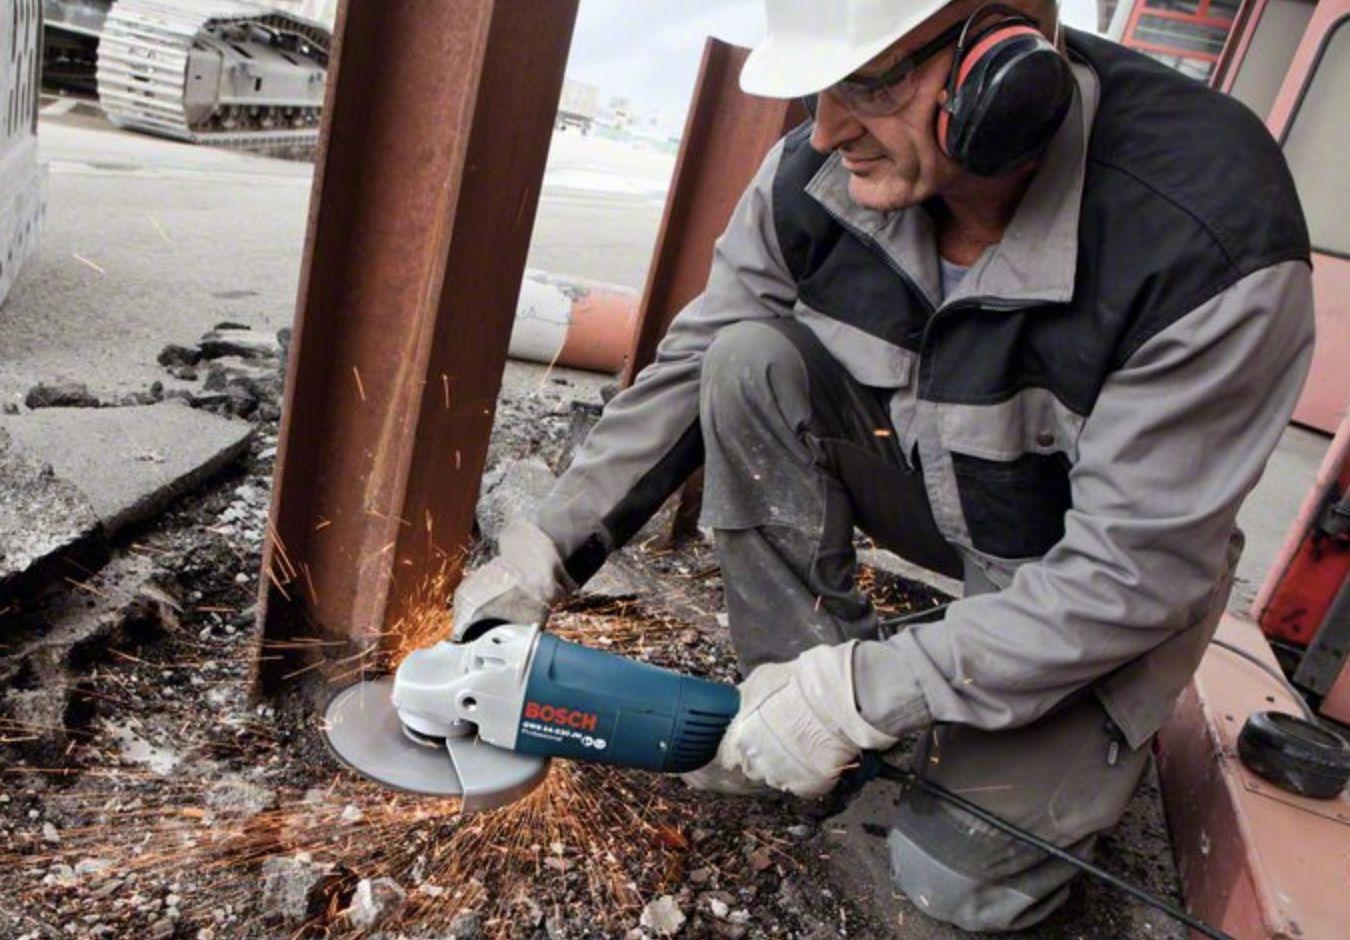 Bosch Professional Winkelschleifer GWS 24 230 JH mit Wiederanlaufschutz für 112,86€ (statt 133€)